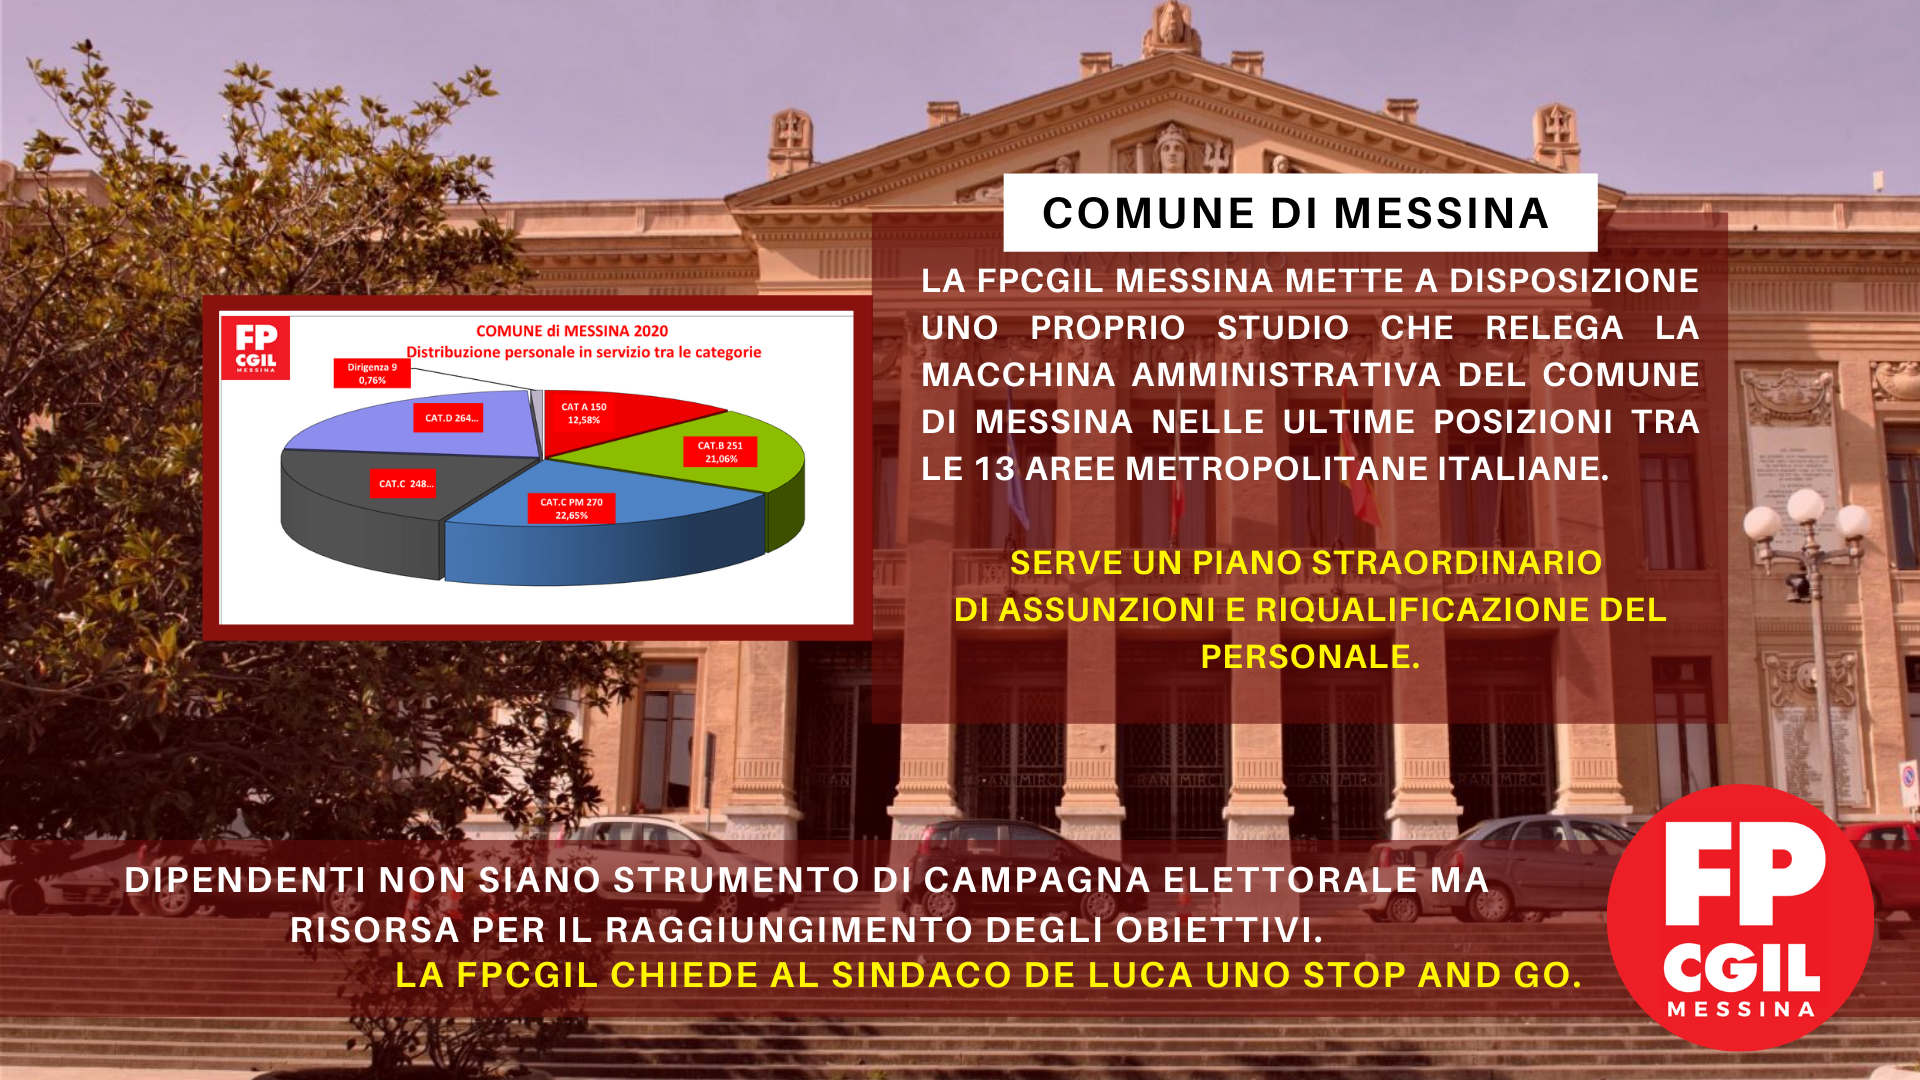 Comune di Messina dipendenti non siano strumento di campagna elettorale ma risorsa per il raggiungimento degli obiettivi. La FPCGIL chiede al Sindaco De Luca uno Stop and Go.